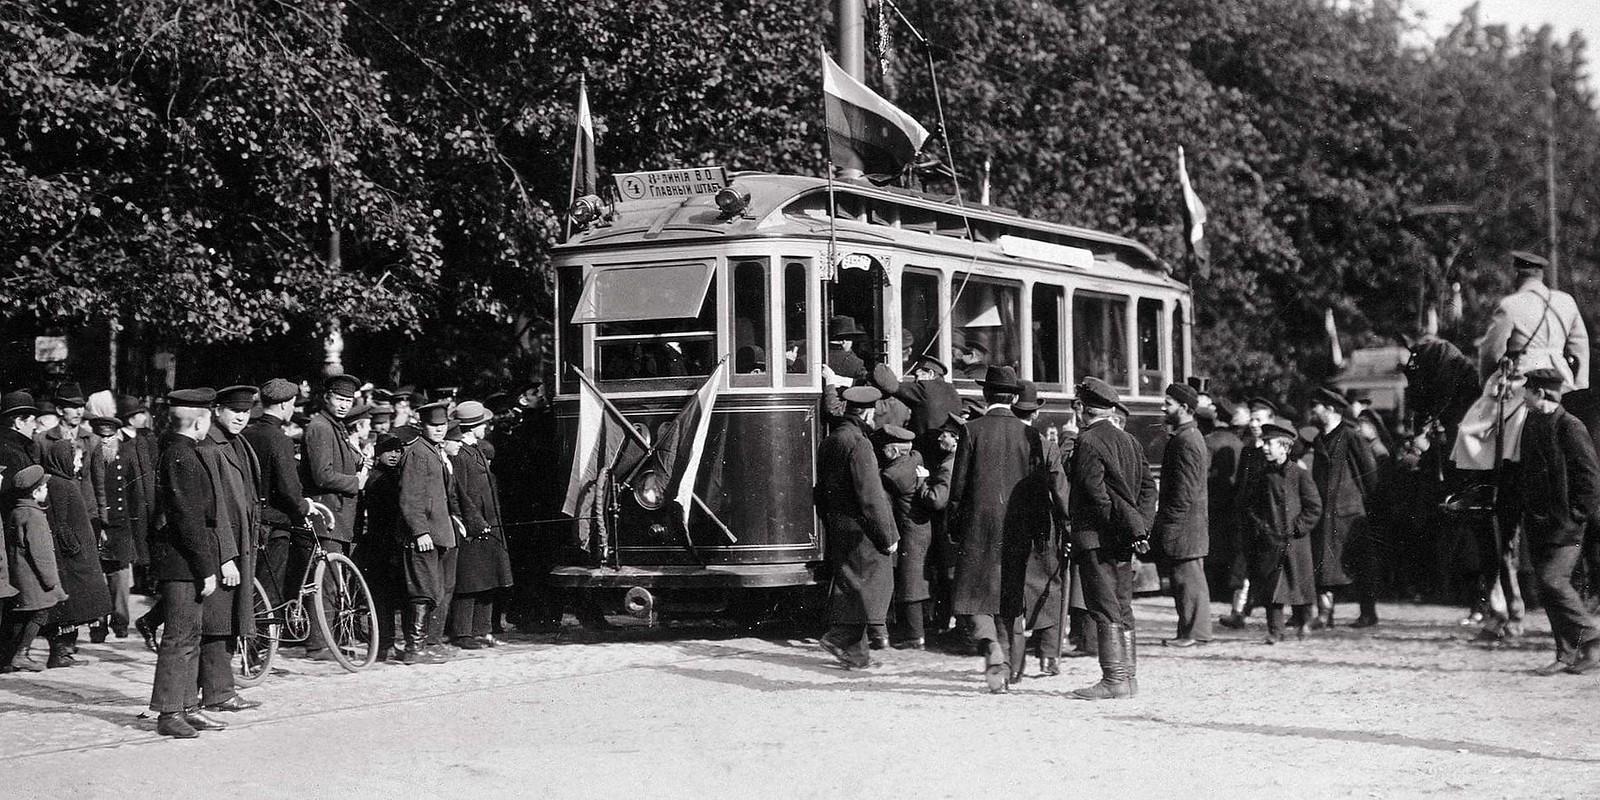 1907. Открытие движения электрического трамвая. 29 сентября